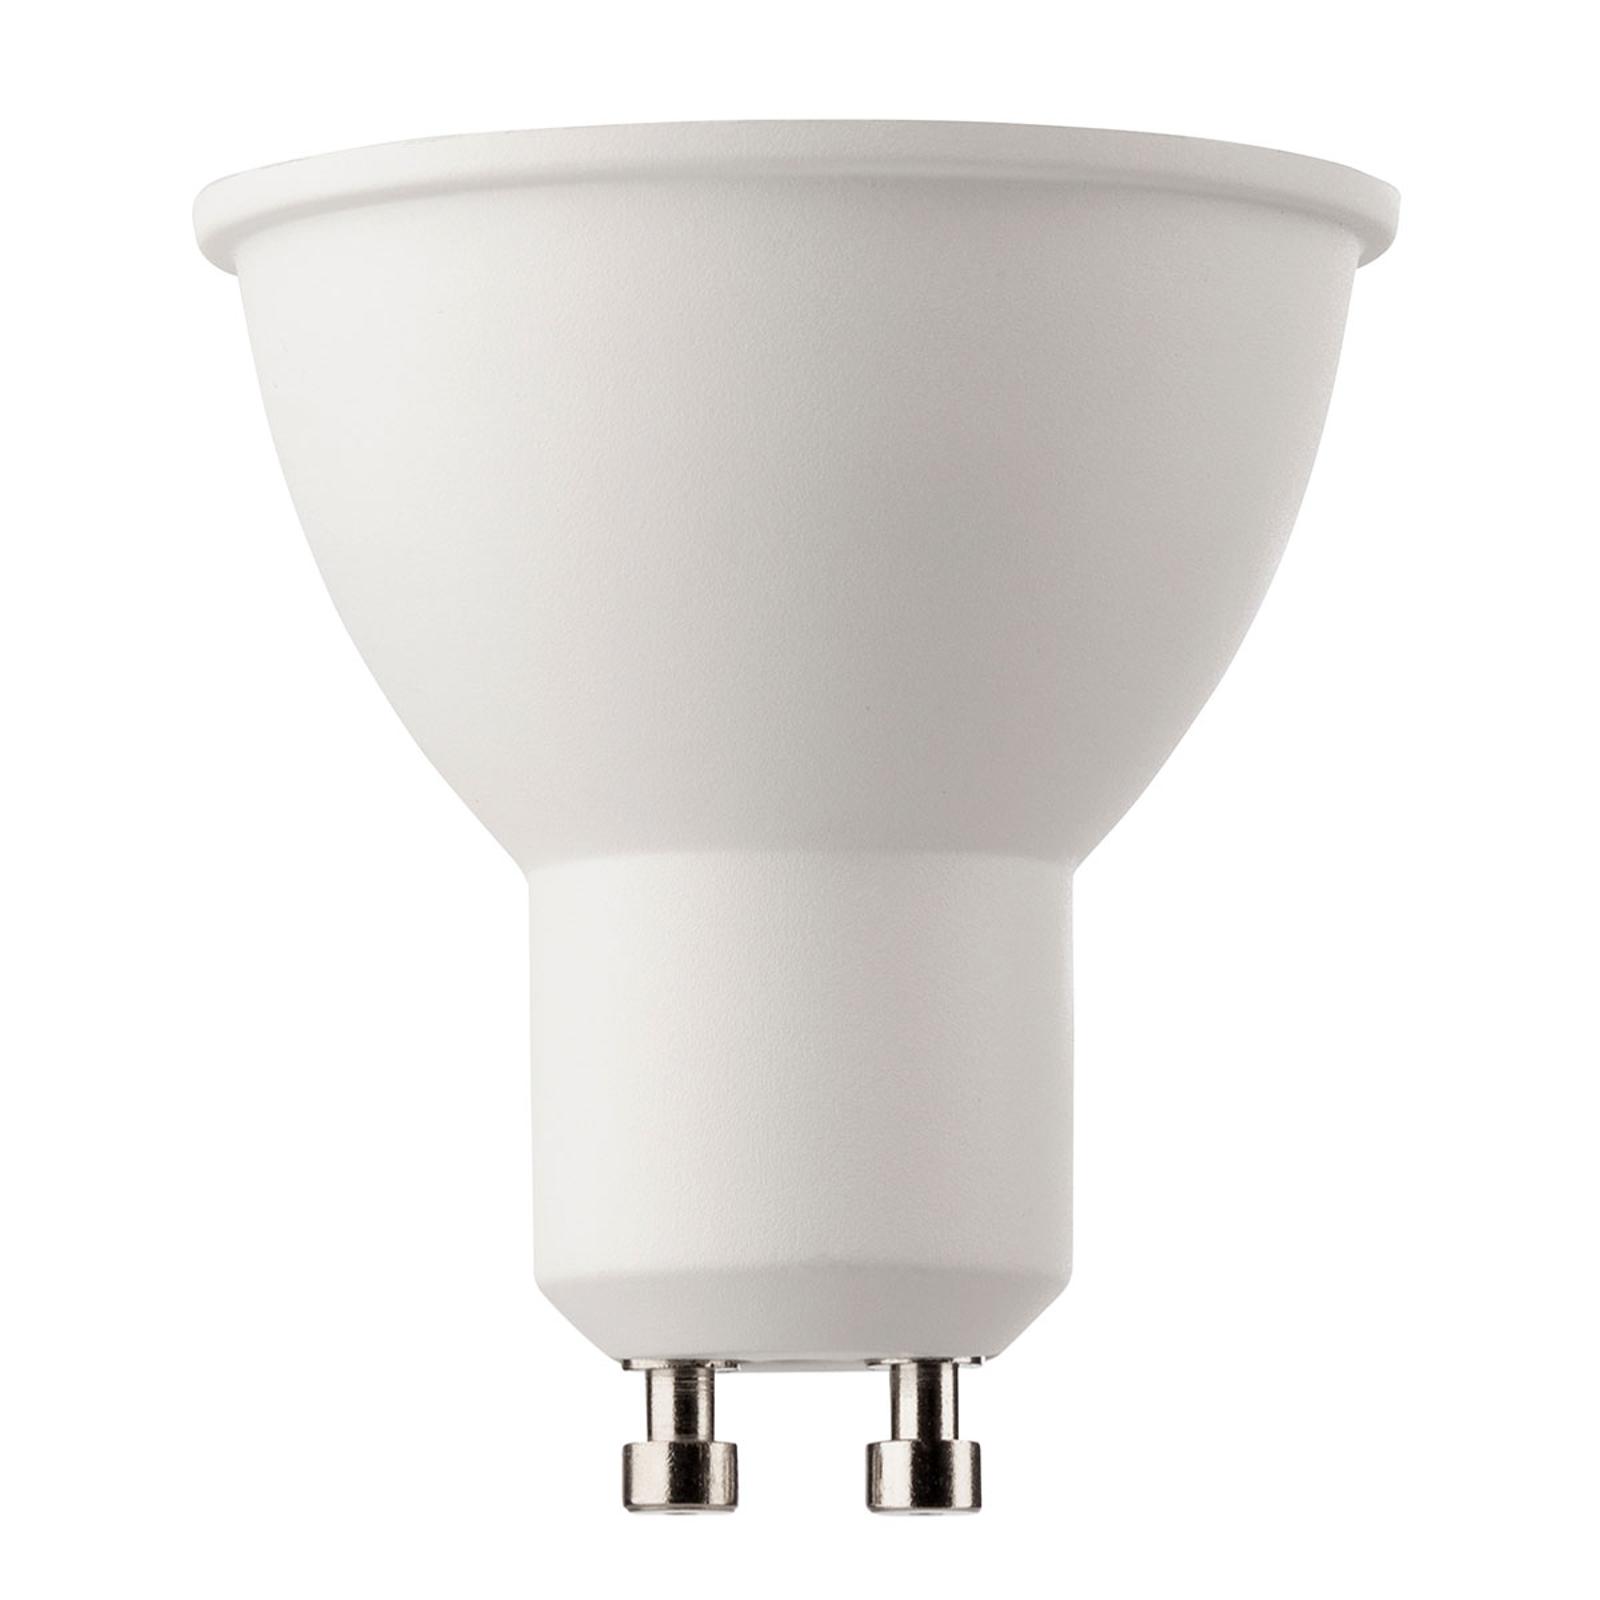 LED-reflektor GU10 8 W 36° universalhvit